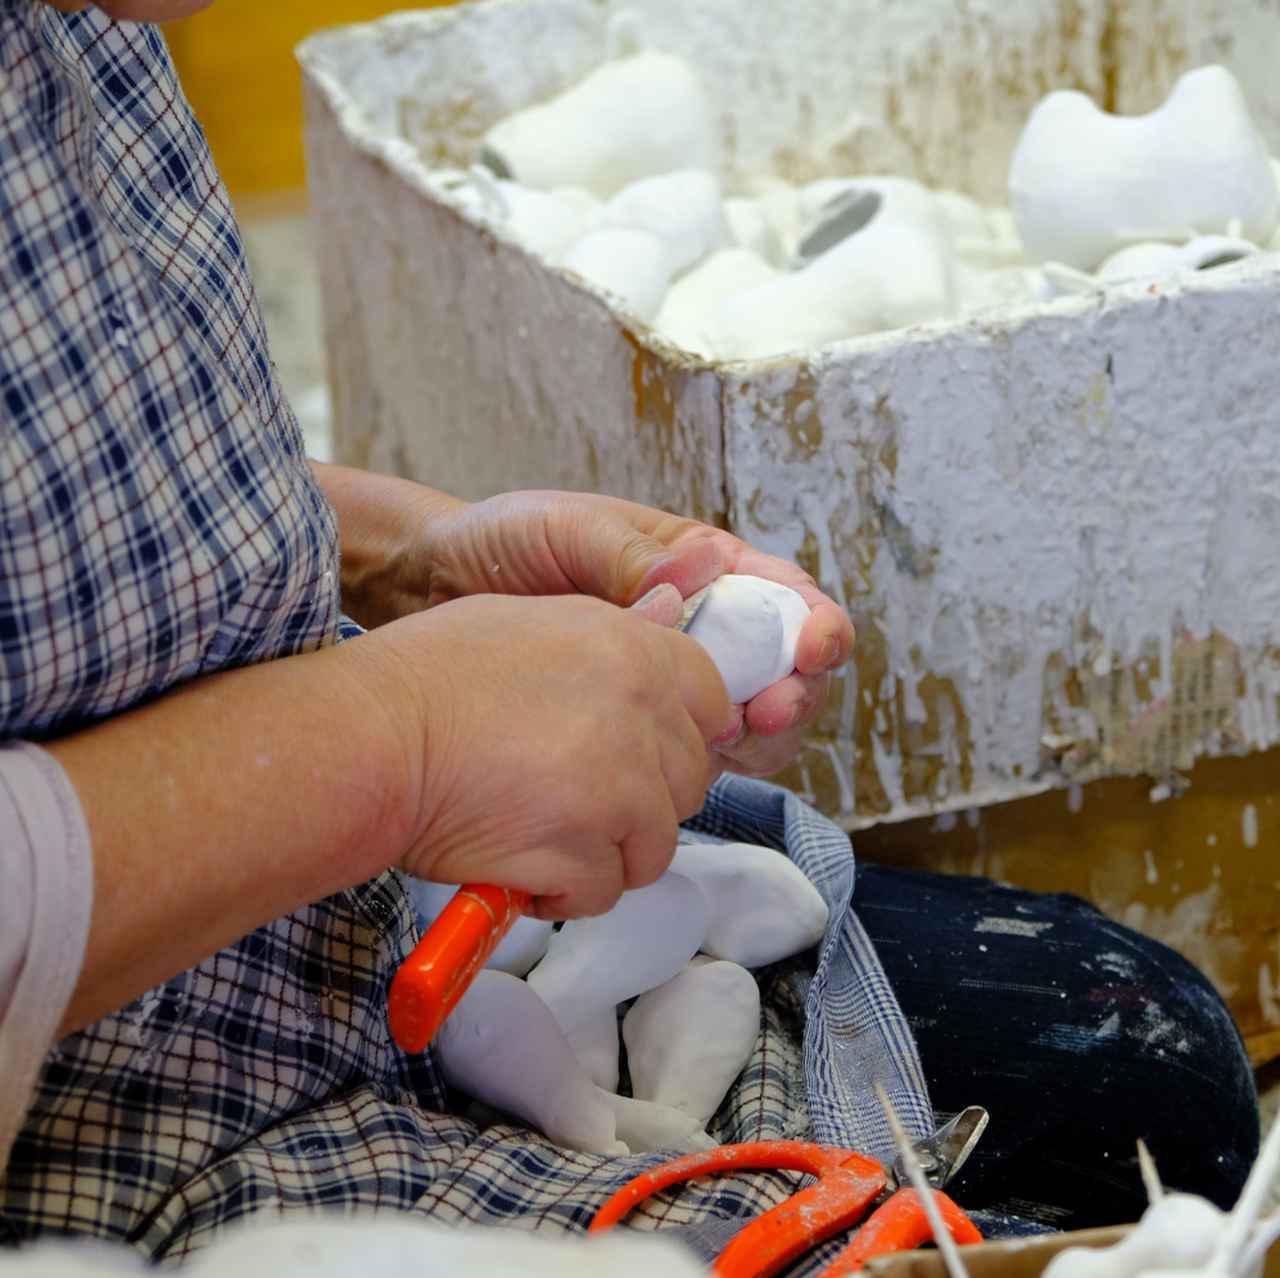 画像: 和紙を重ね、乾かしたら型から外し、胡粉を塗ります。滑らかになるよう削り落とす、丁寧な手作業です。